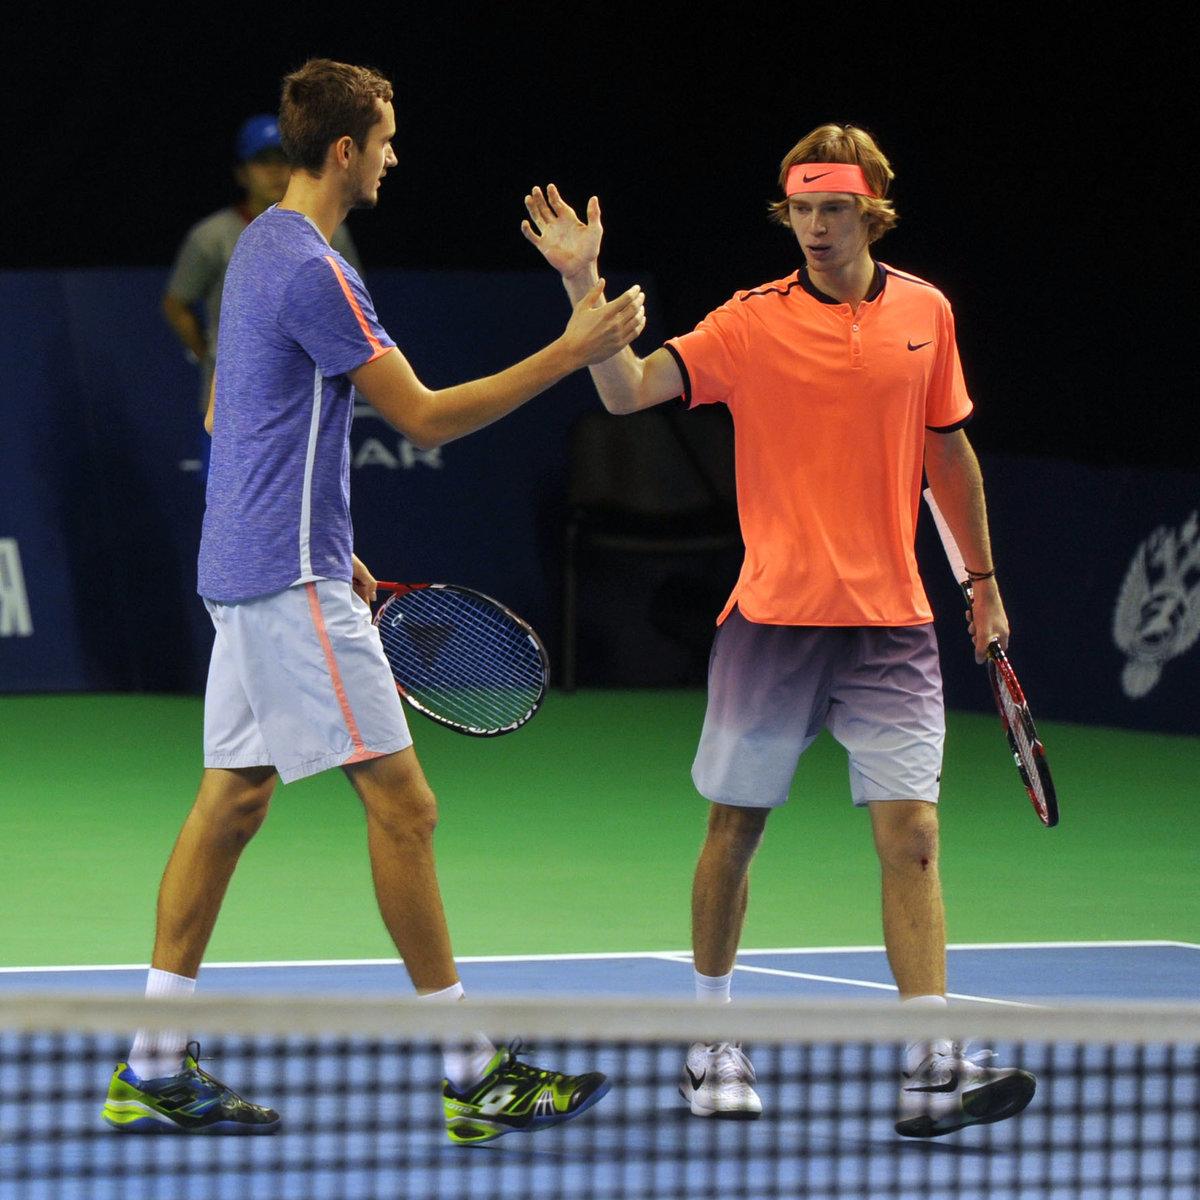 «Матч Медведев— Рублев станет украшениемUS Open». Четвертьфинал нашей мечты натурнире вНью-Йорке